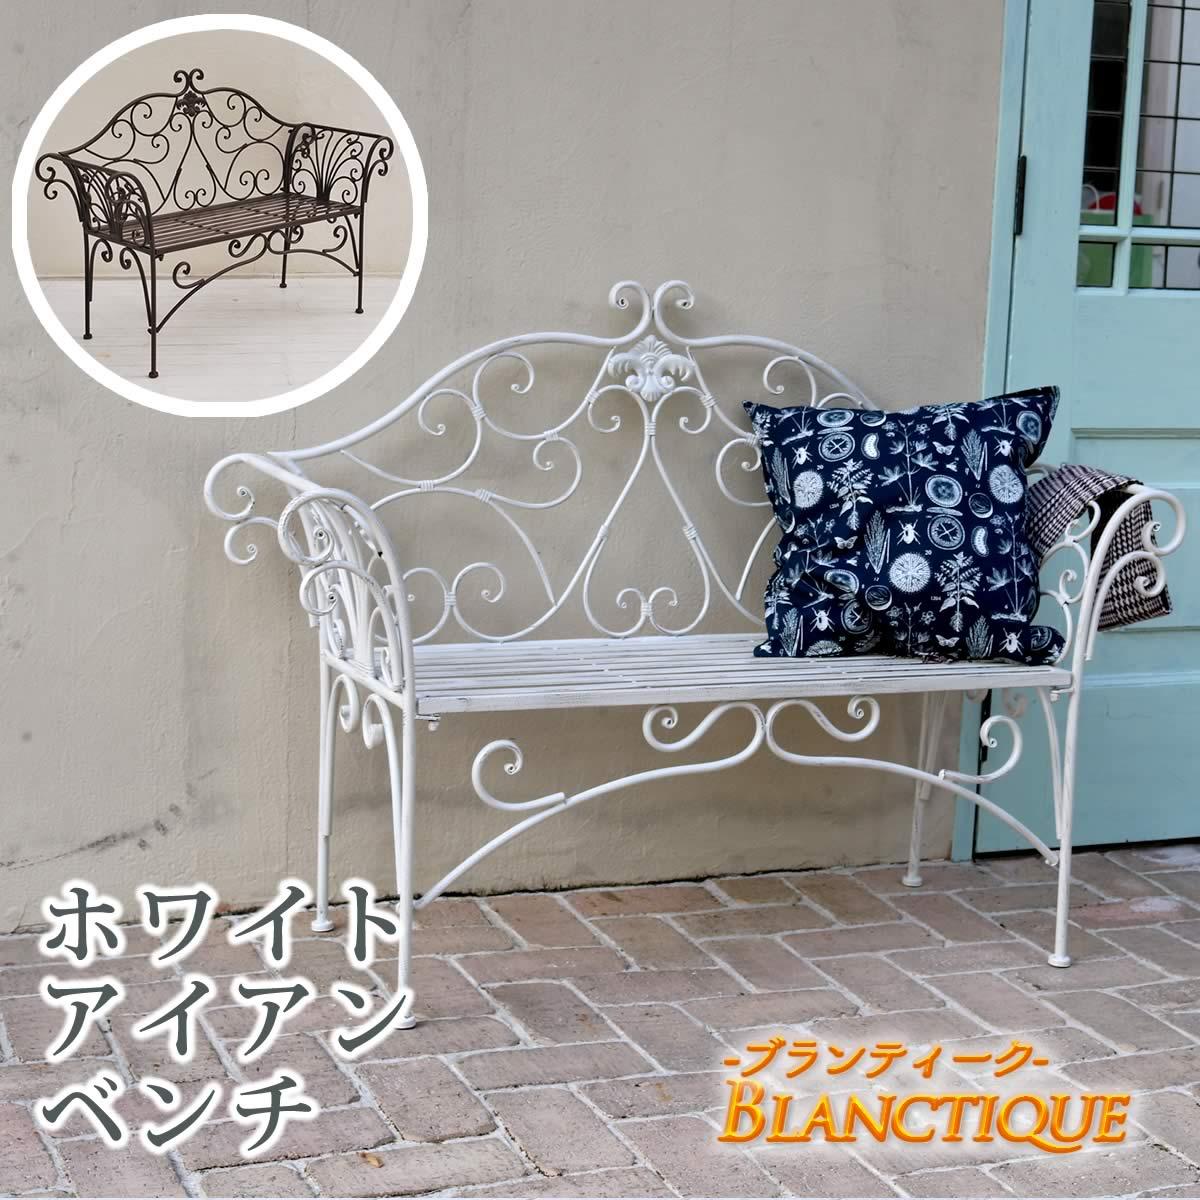 ガーデンベンチ アイアン ベンチ 屋外用 長椅子 おしゃれ